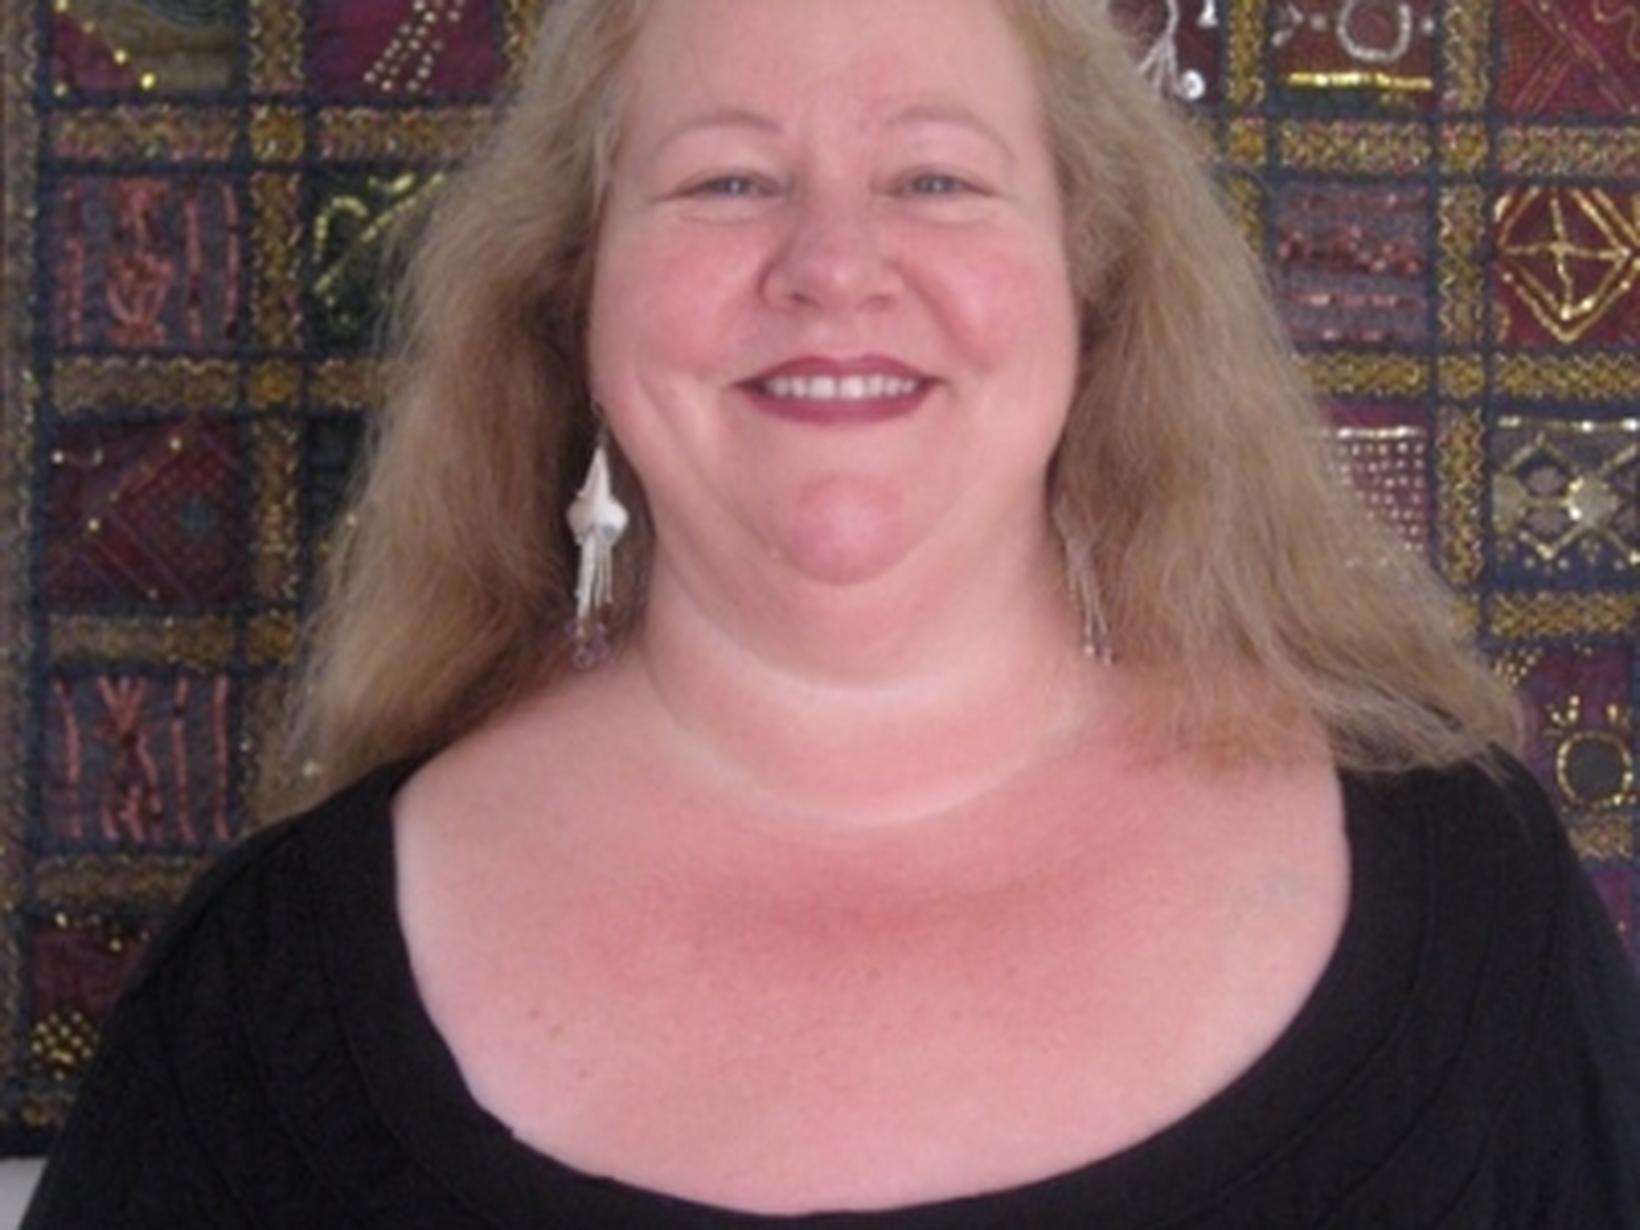 Jane from West Wickham, United Kingdom